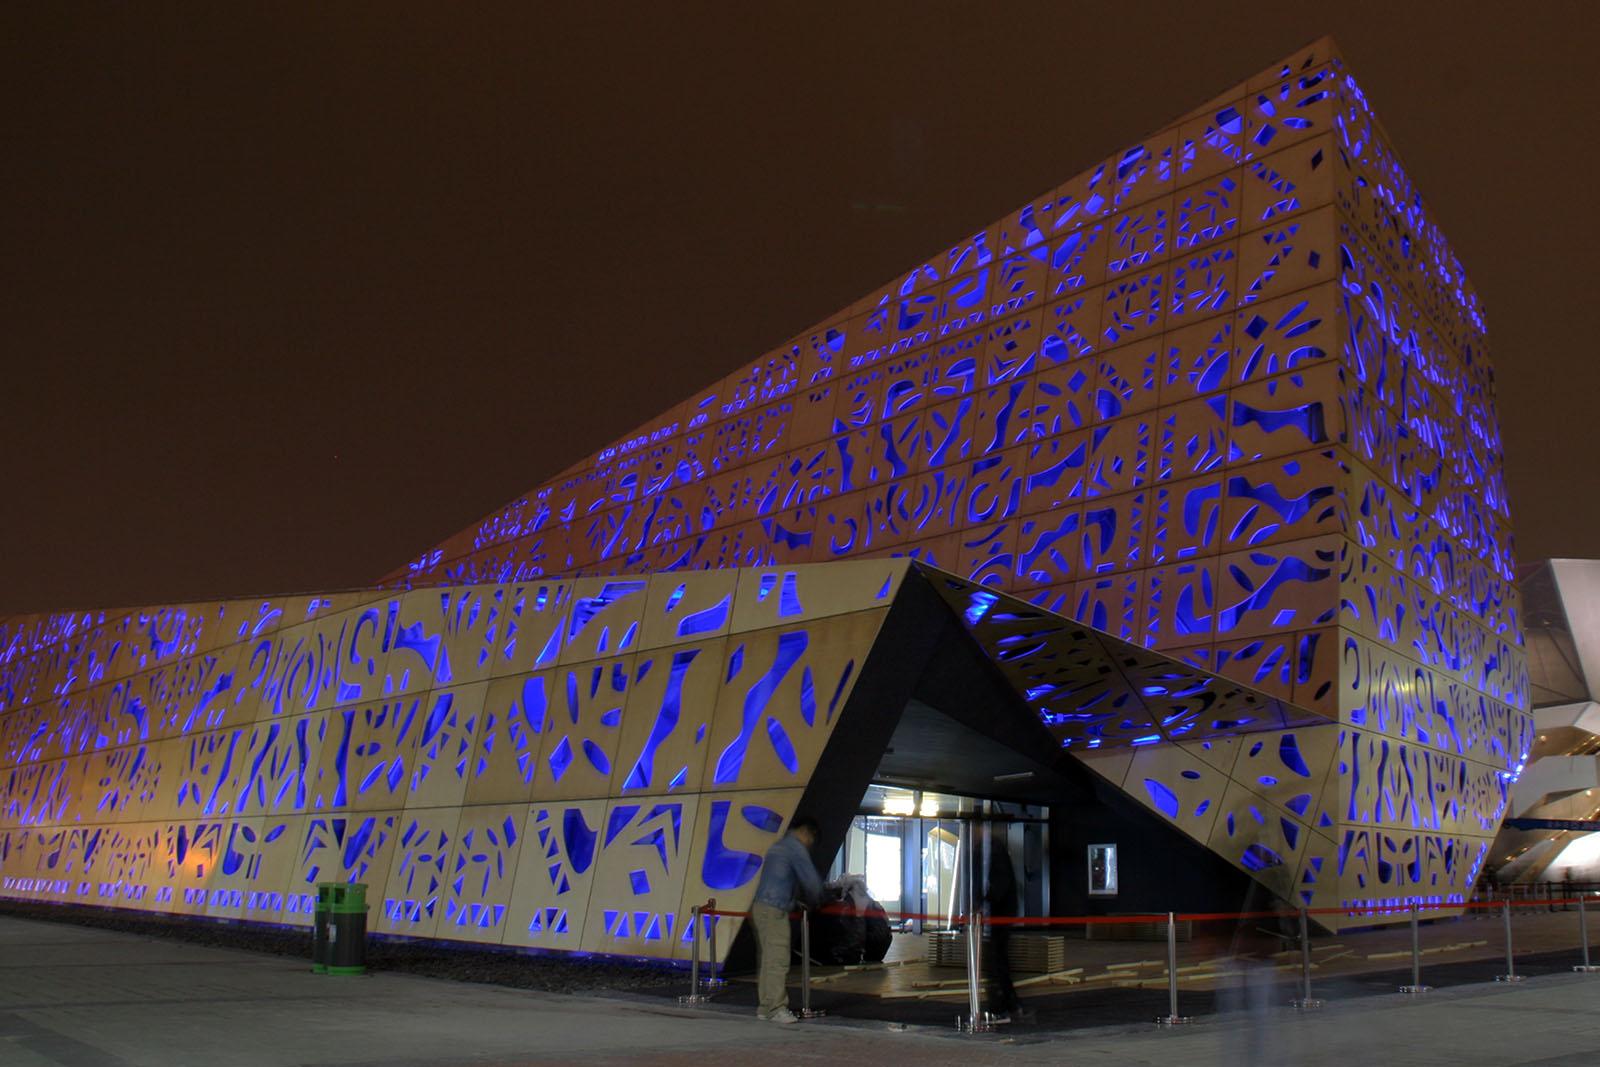 TIBBE AV Experience Polish_Pavilion_of_Expo_2010 Outdoor Experiences